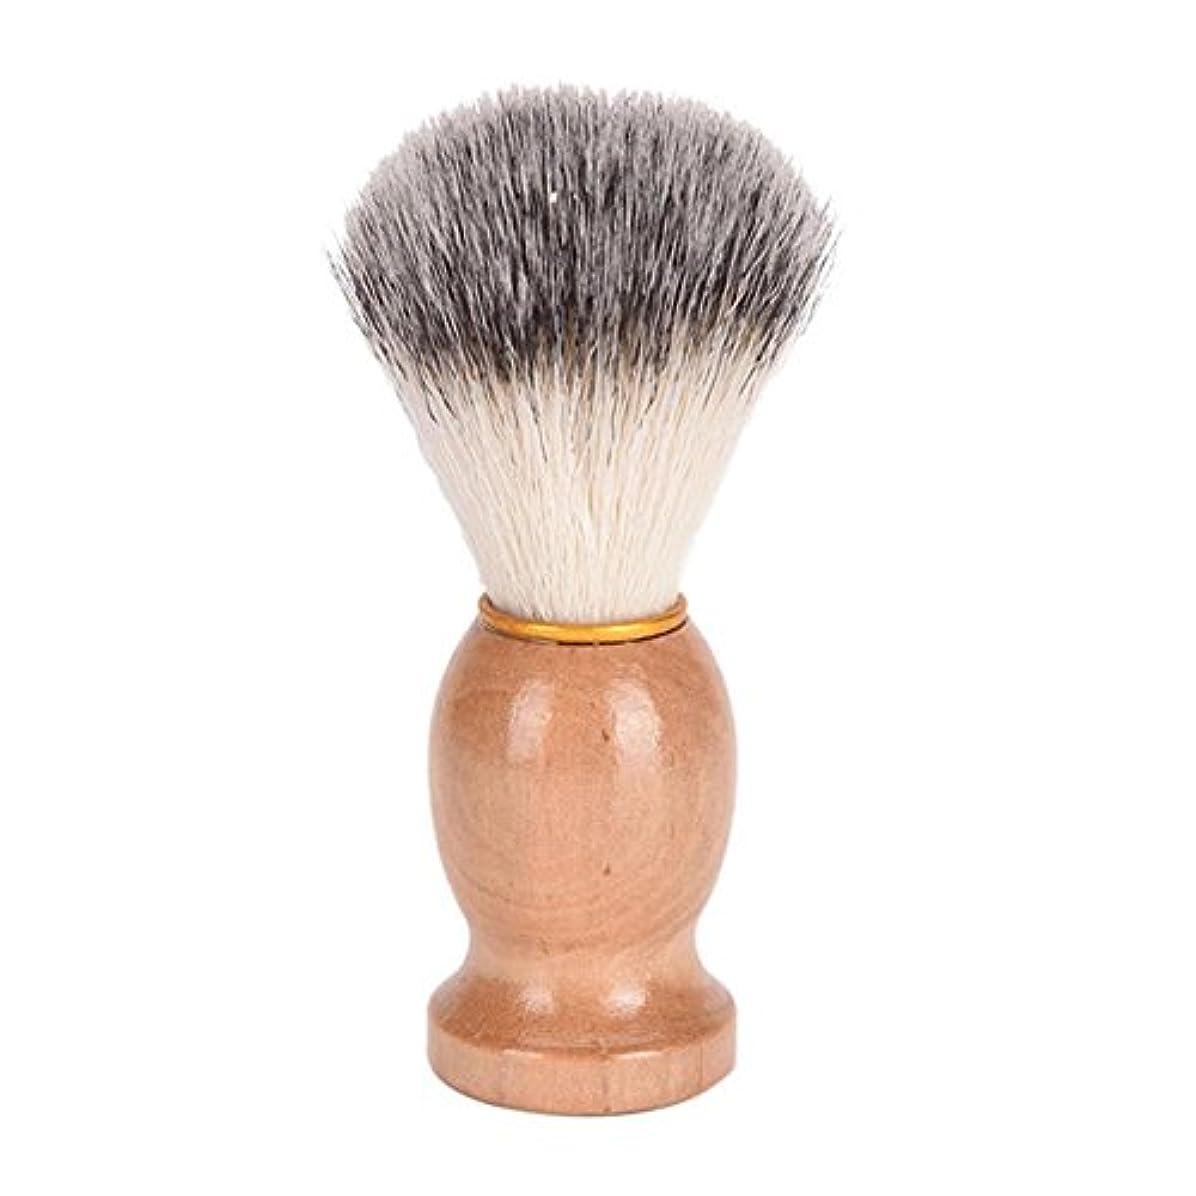 バウンド銀河アフリカひげブラシ 髭ブラシ シェービング用アクセサリー メンズ用 髭剃り ブラシ シェービングブラシ 木製ハンドル 男性 ギフト理容 洗顔 髭剃り